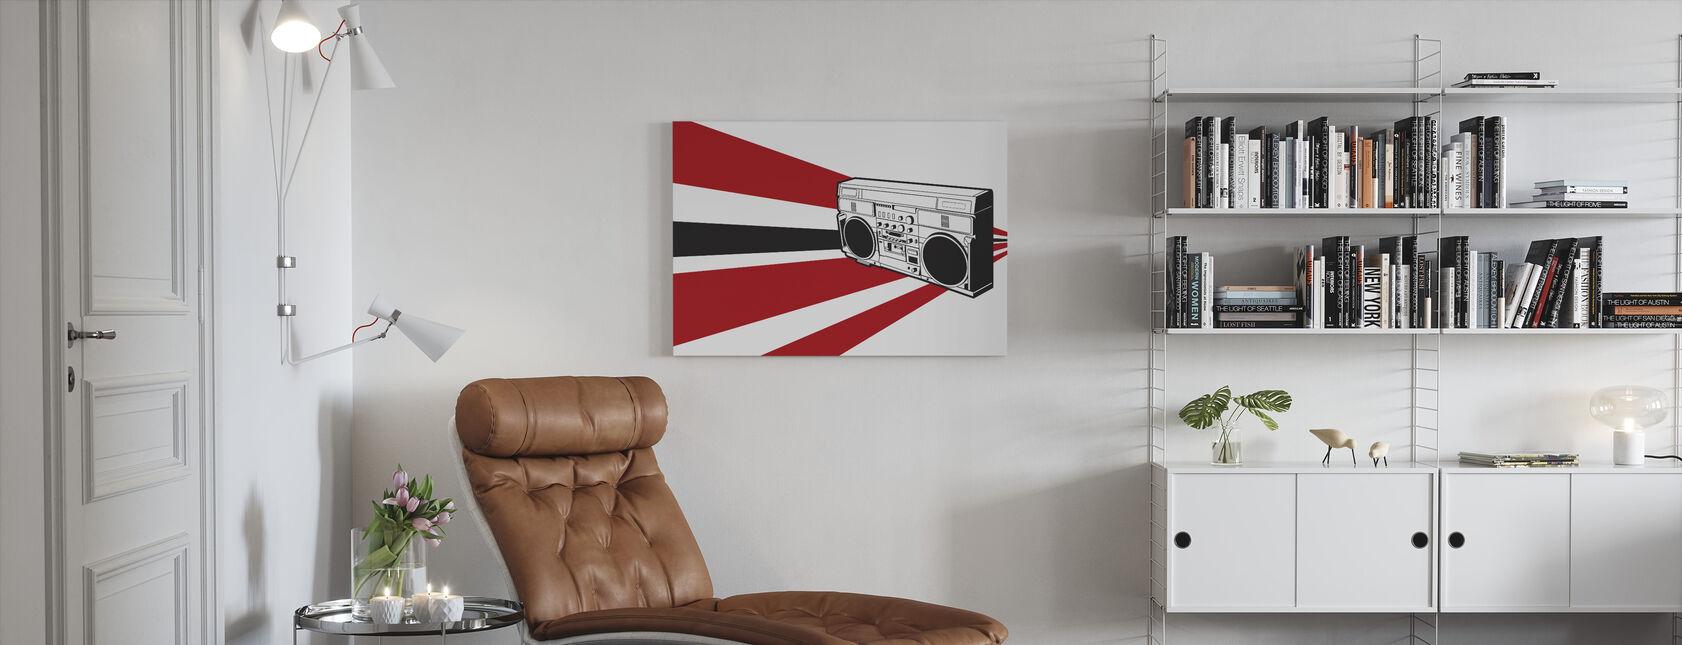 Stereo - Billede på lærred - Stue